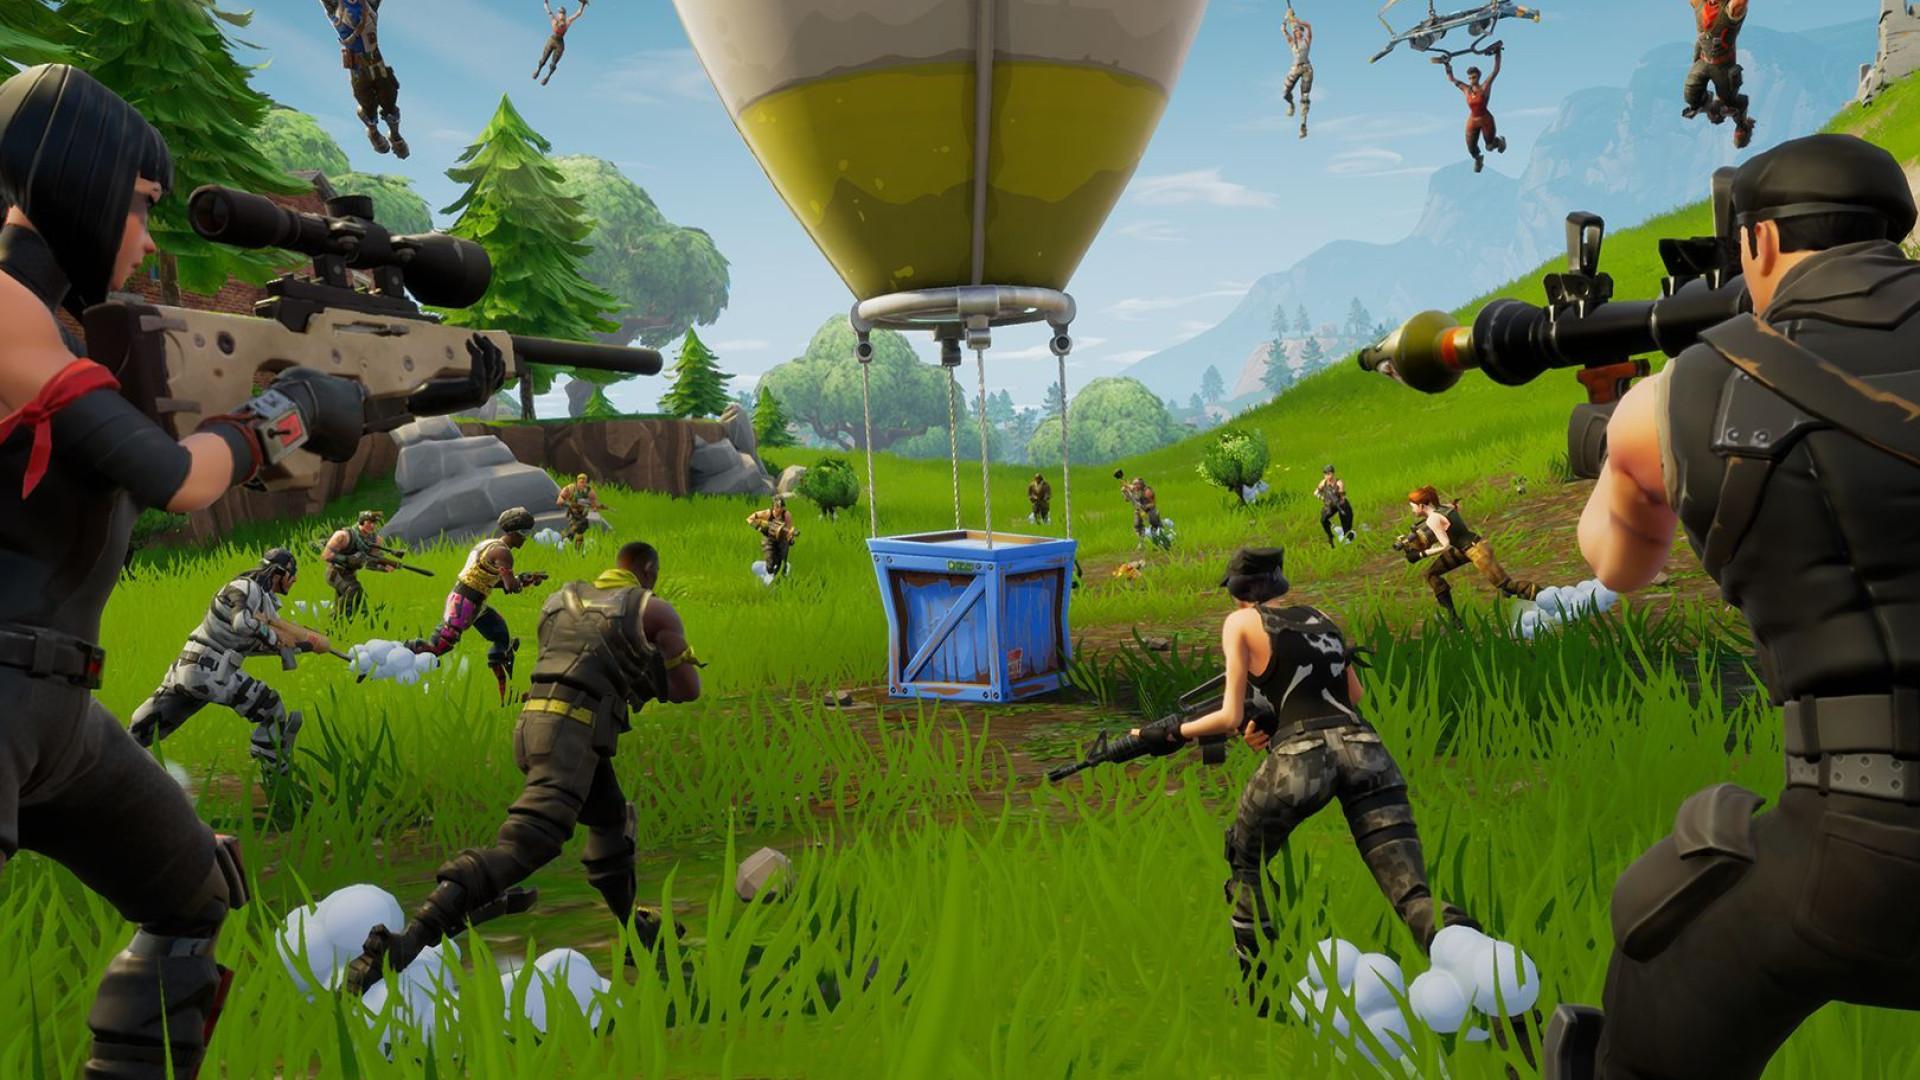 Sucesso de 'Fortnite' leva Epic Games a desistir de 'Unreal Tournament'